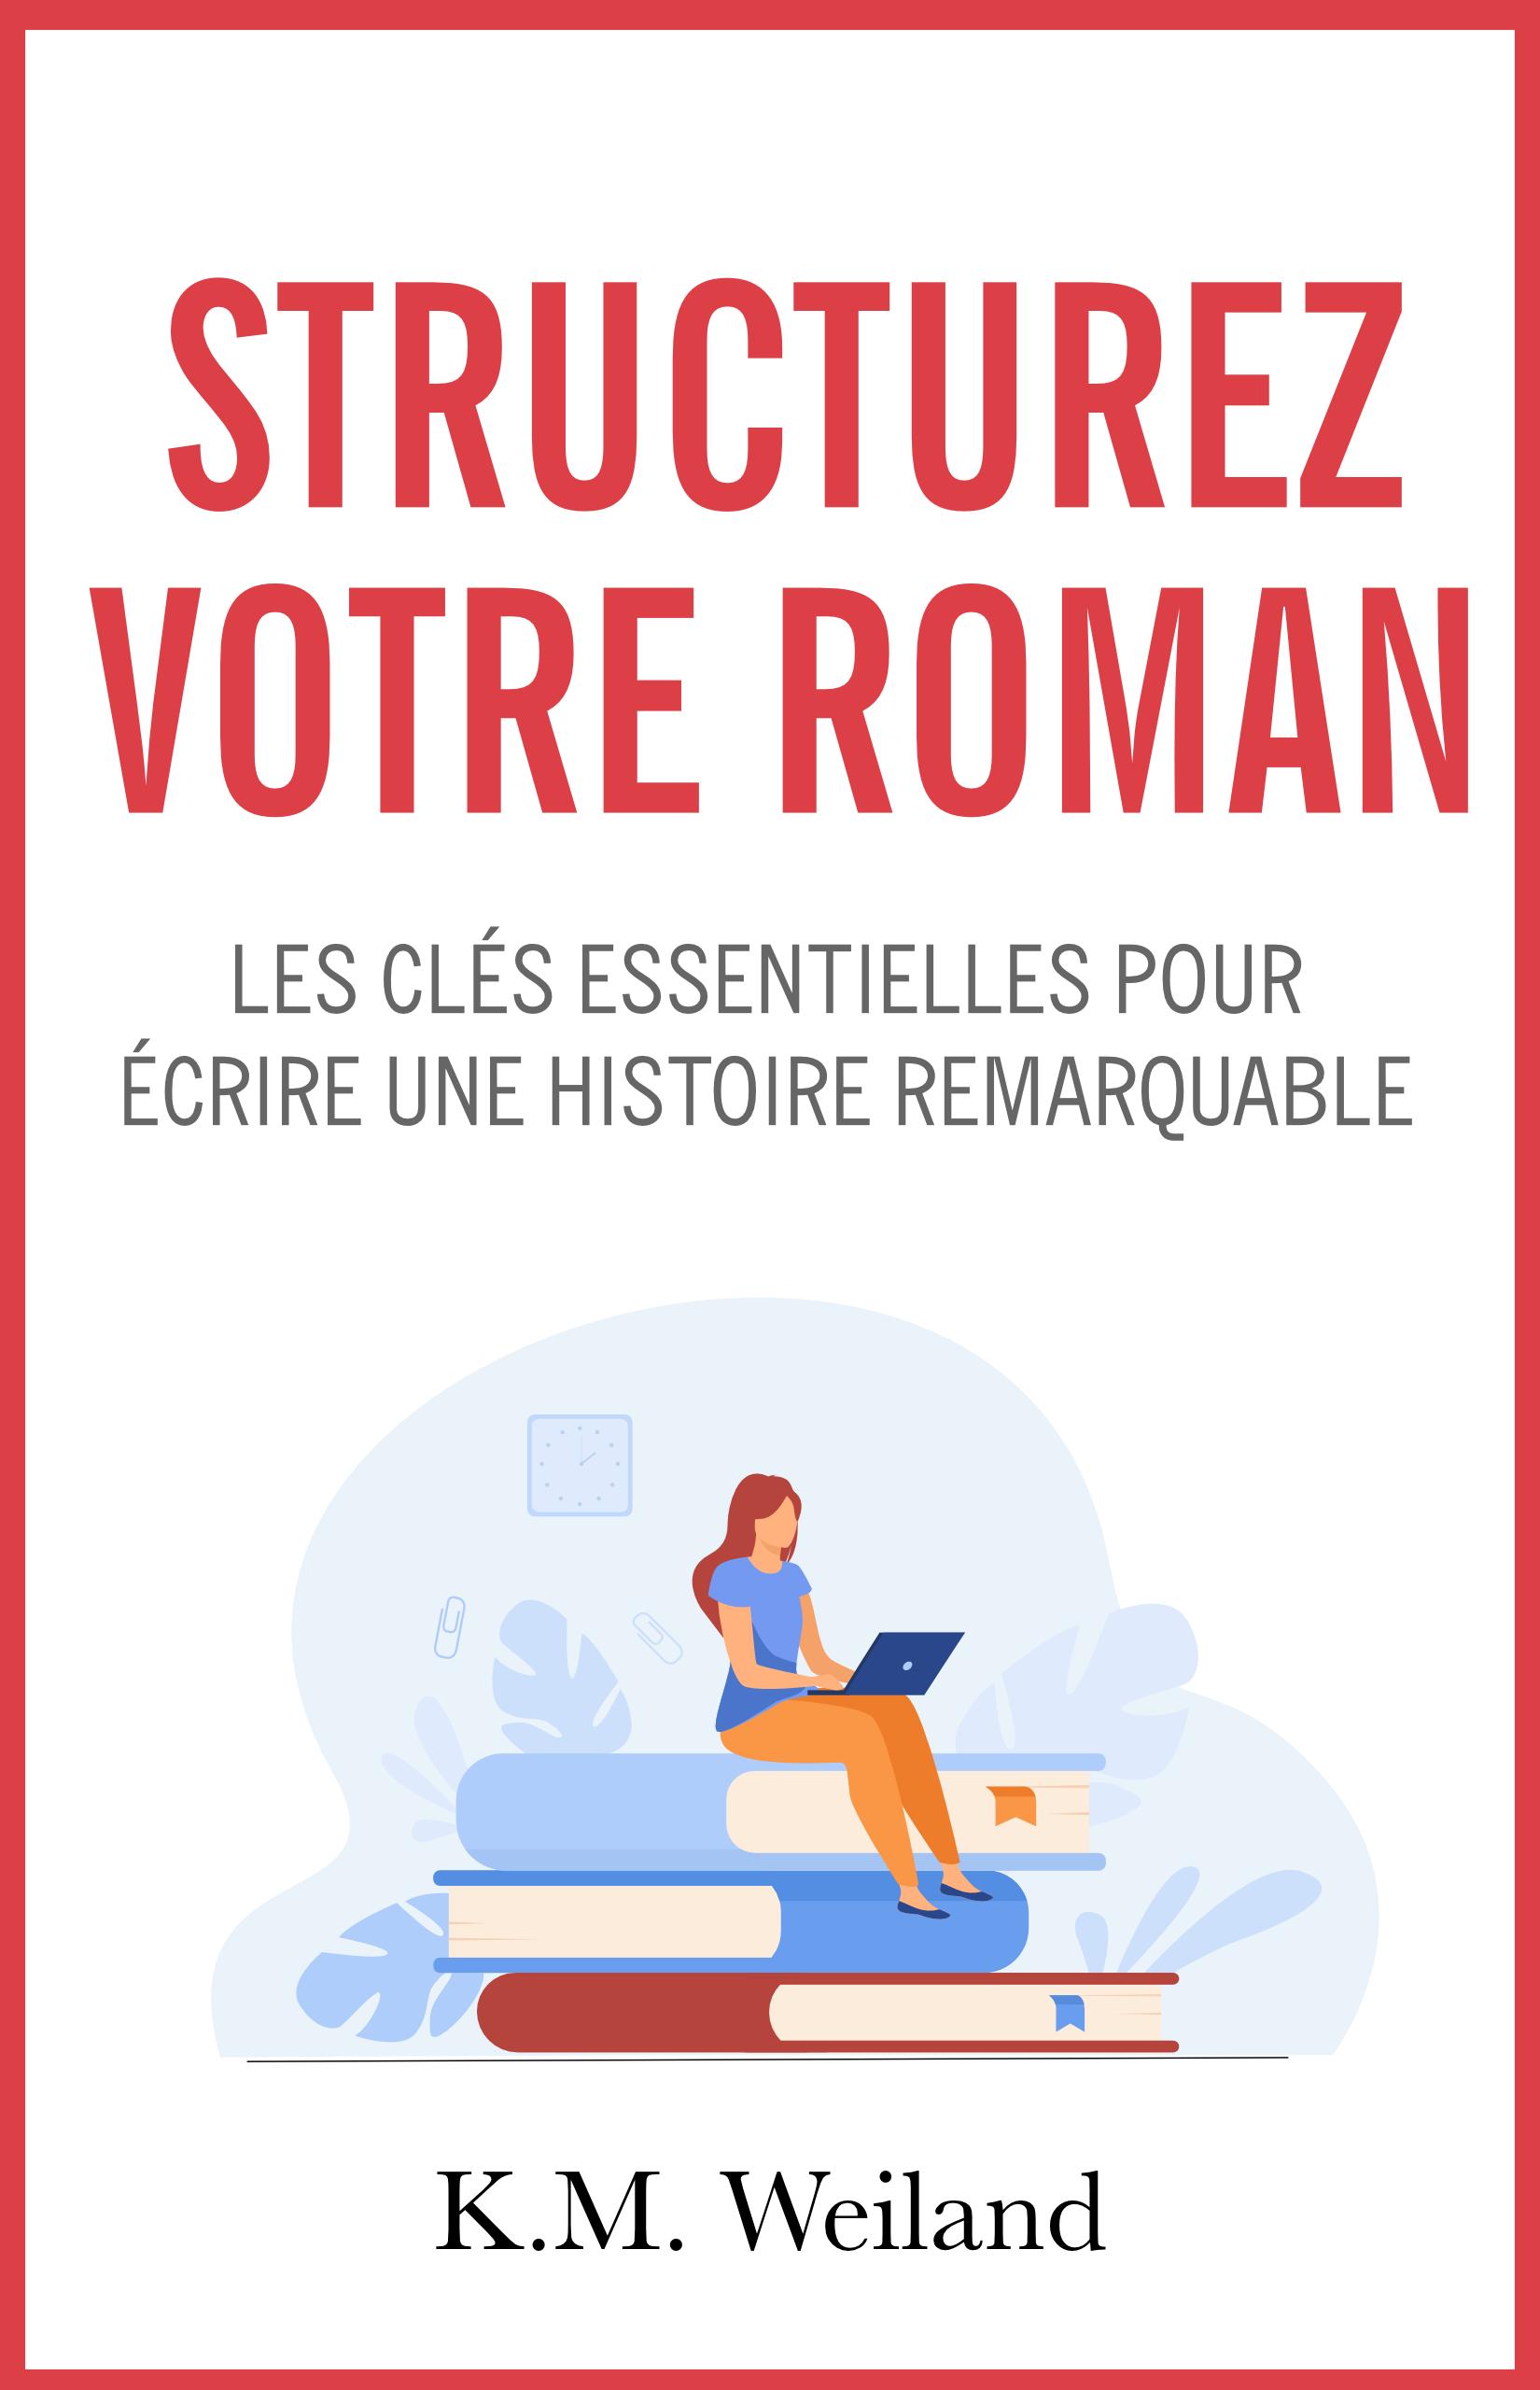 Structurez votre roman, livre de K.M. Weiland